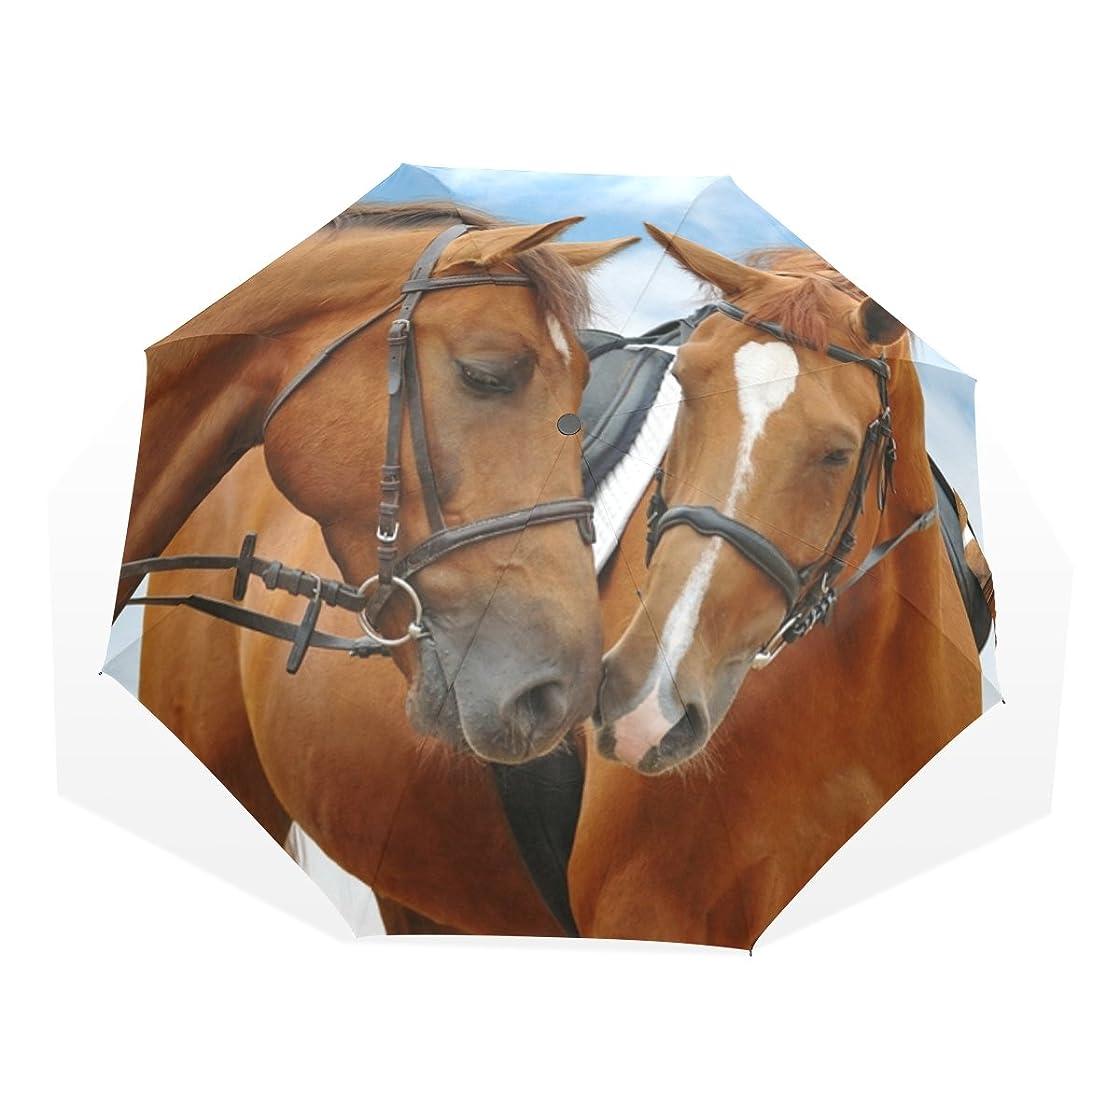 ラフト共感する重量AOMOKI 折り畳み傘 折りたたみ傘 日傘 UVカット 手開き 三つ折り 晴雨兼用 梅雨対策 耐強風 8本骨 男女兼用 馬柄 アニマル